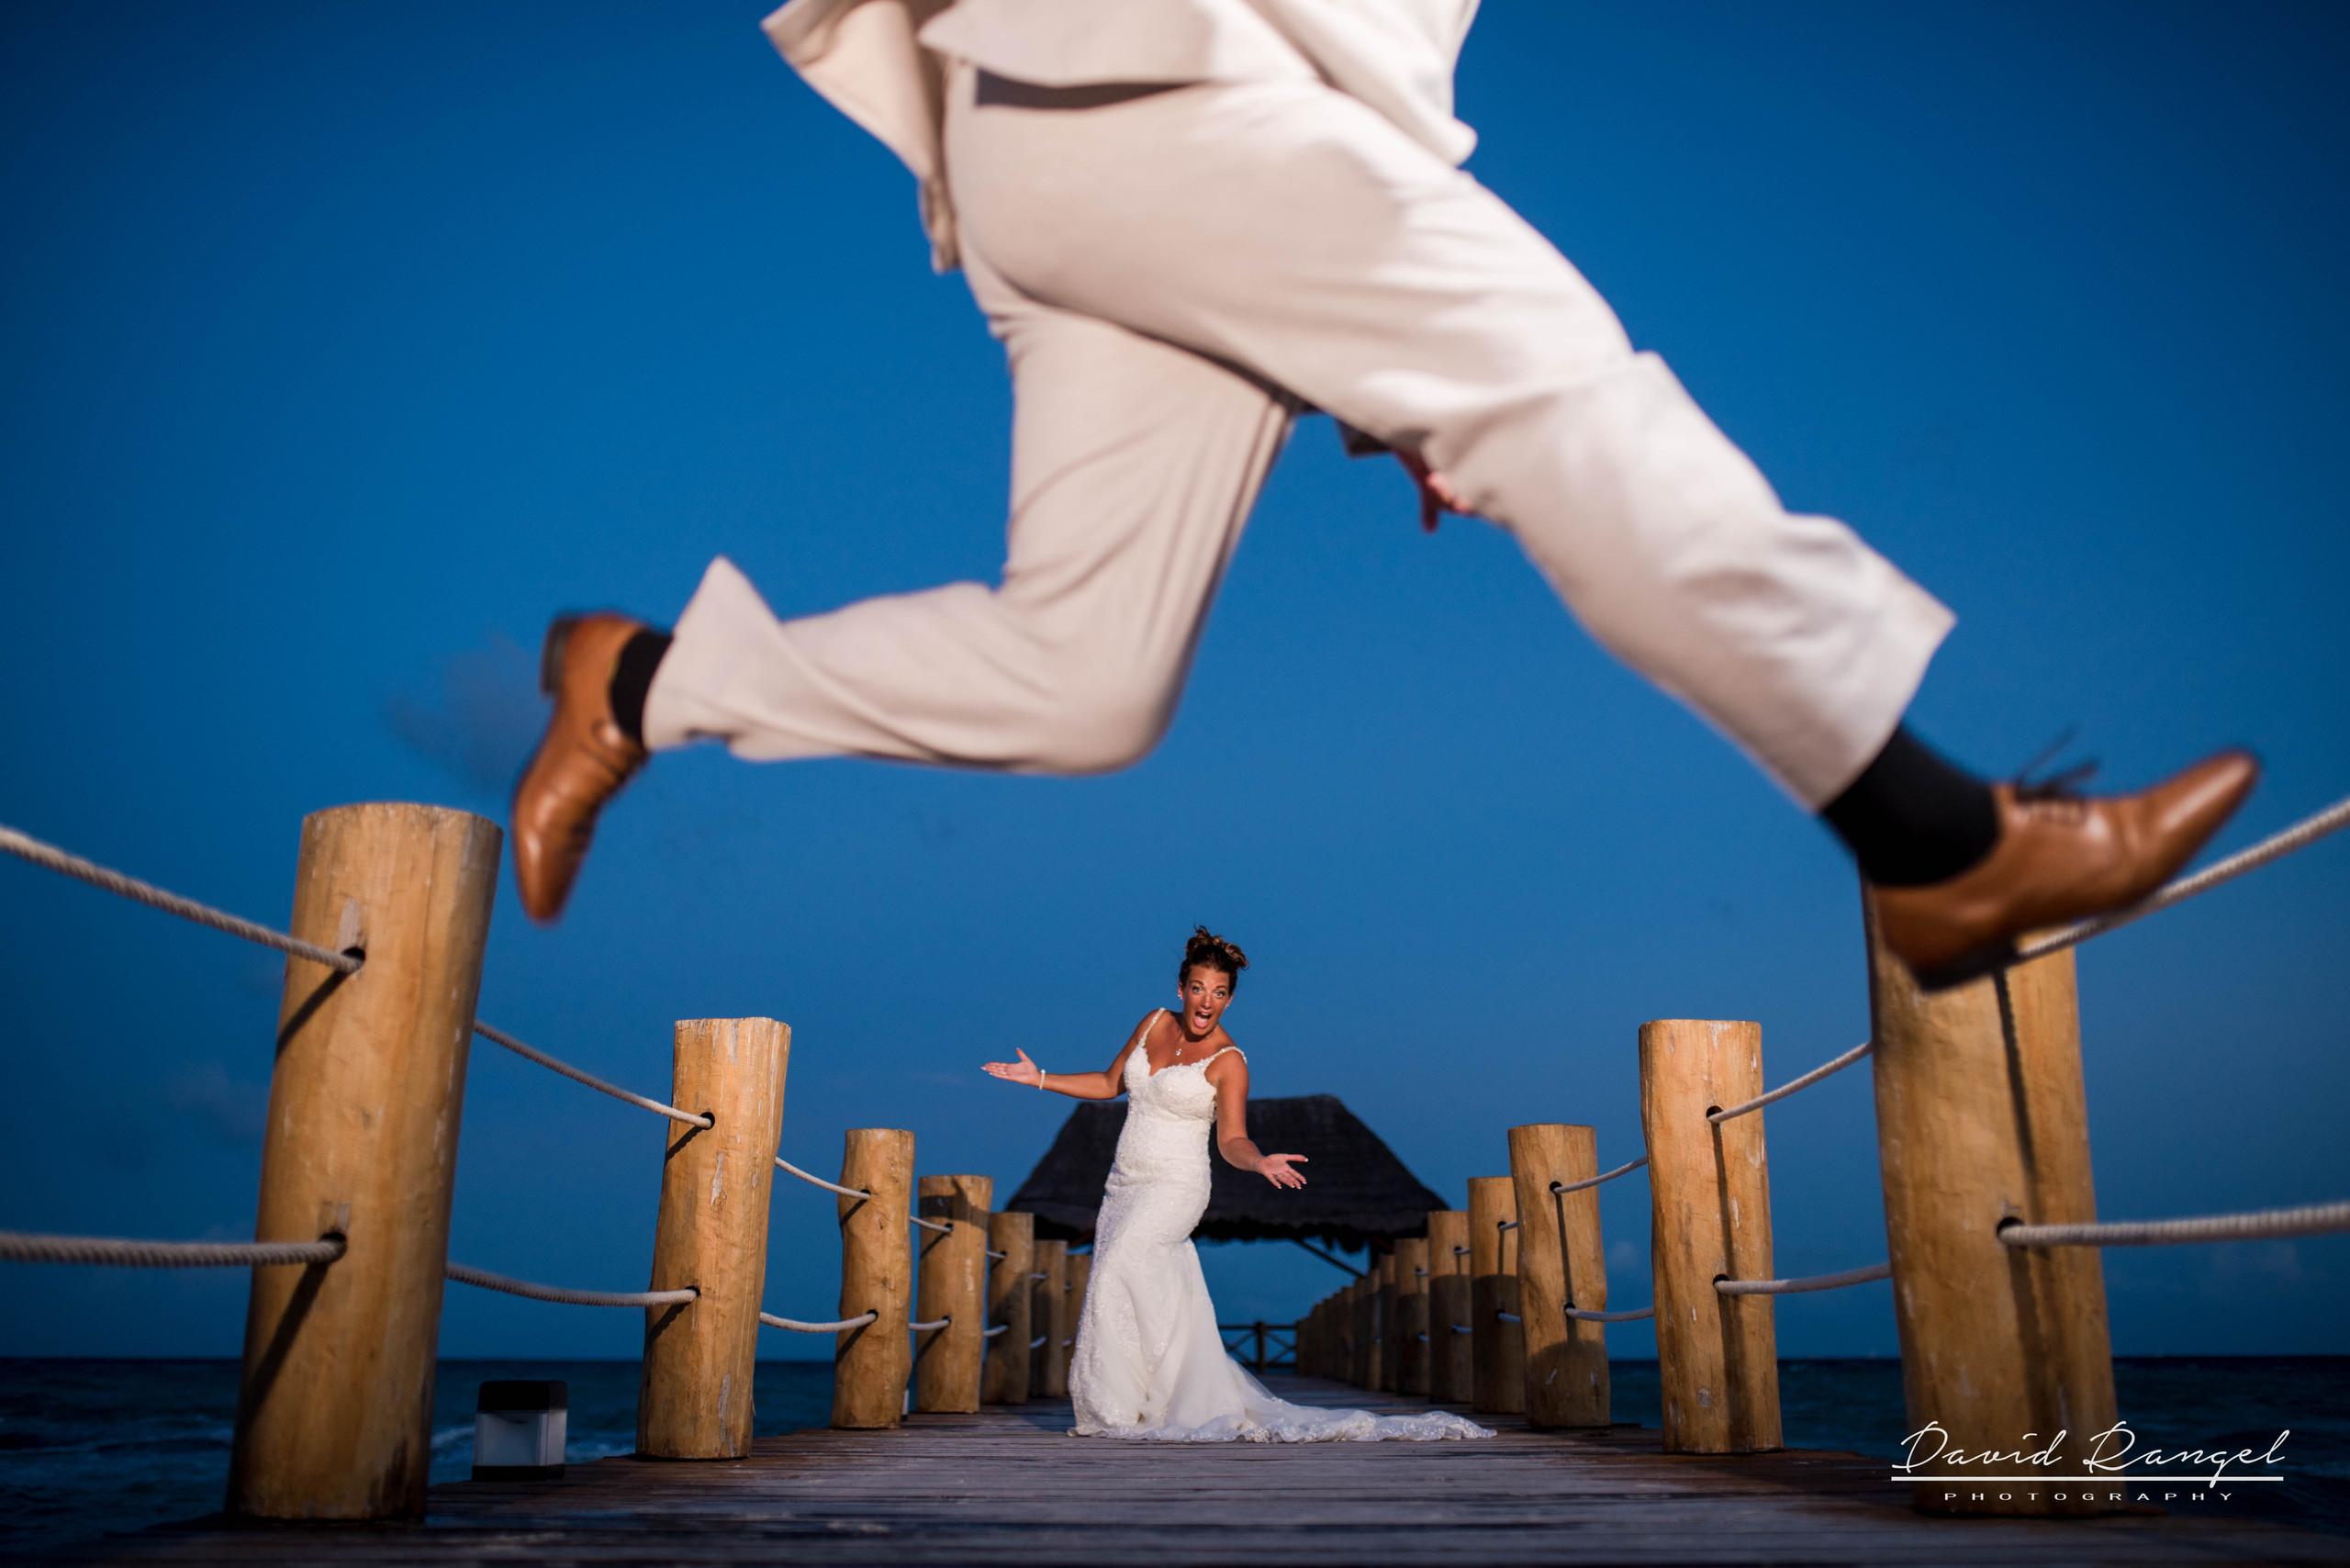 bride+groom+jumping